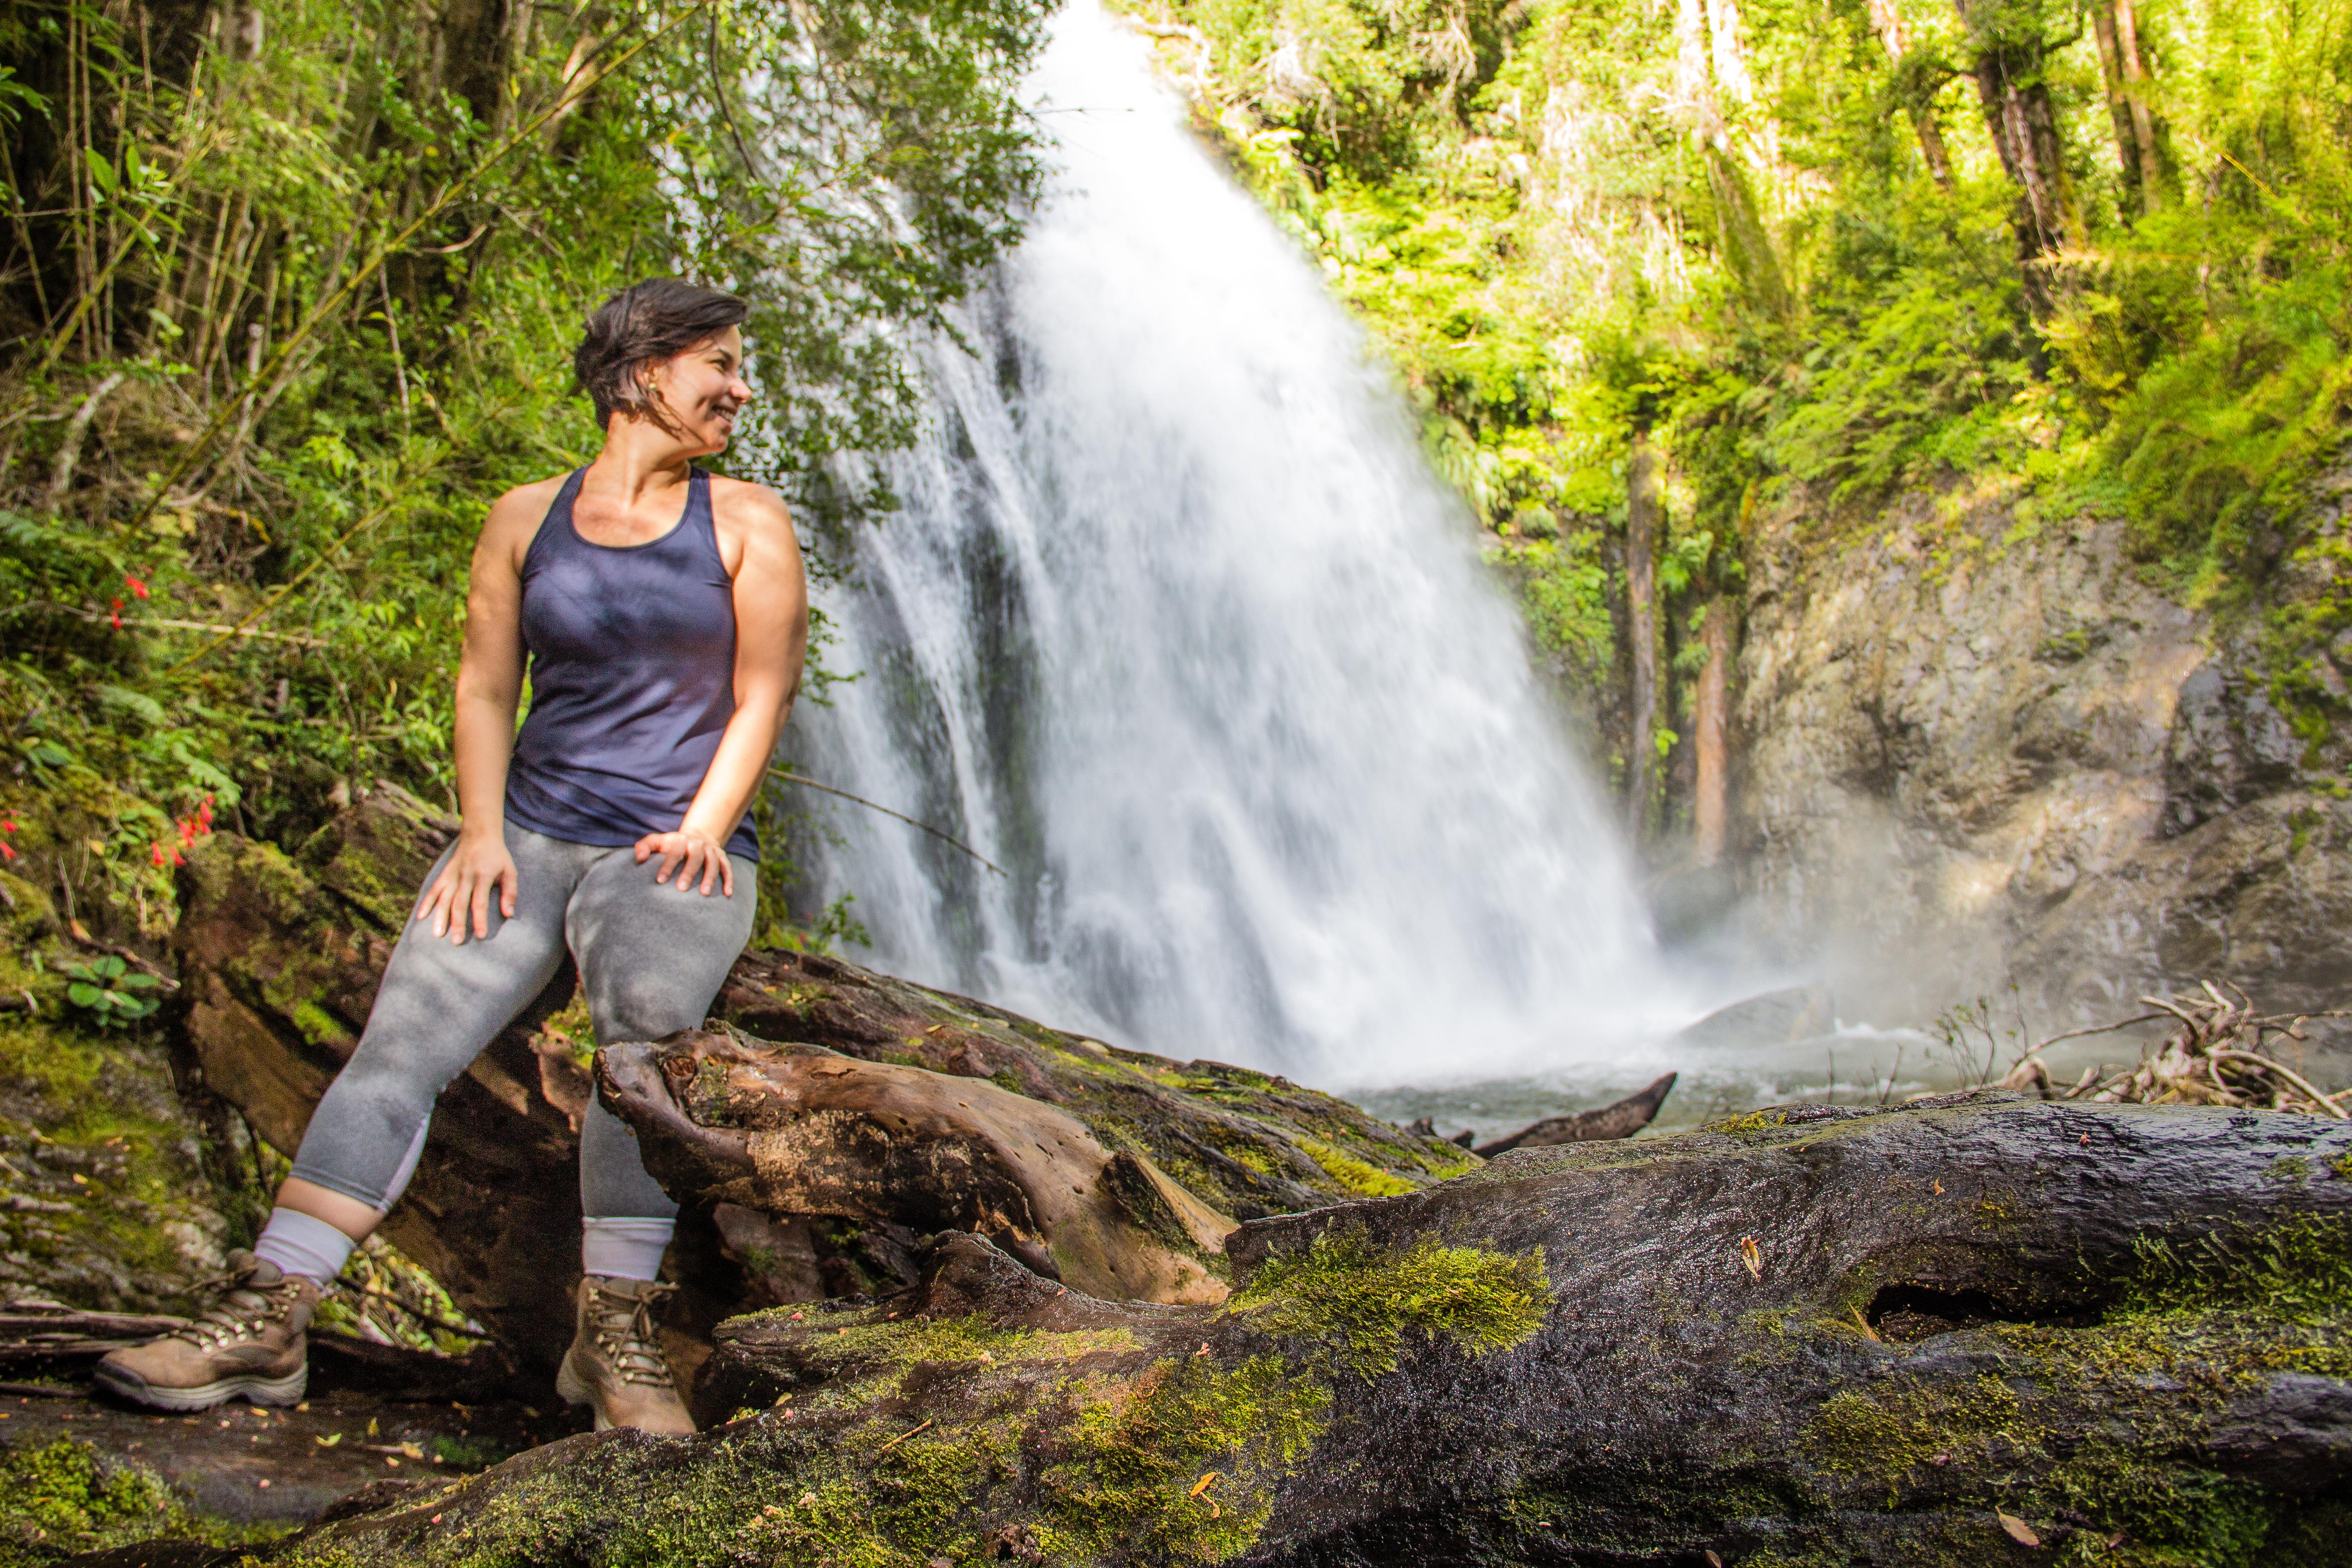 Cachoeira em trilha no Parque nacional Huequehue em Pucón, Chile